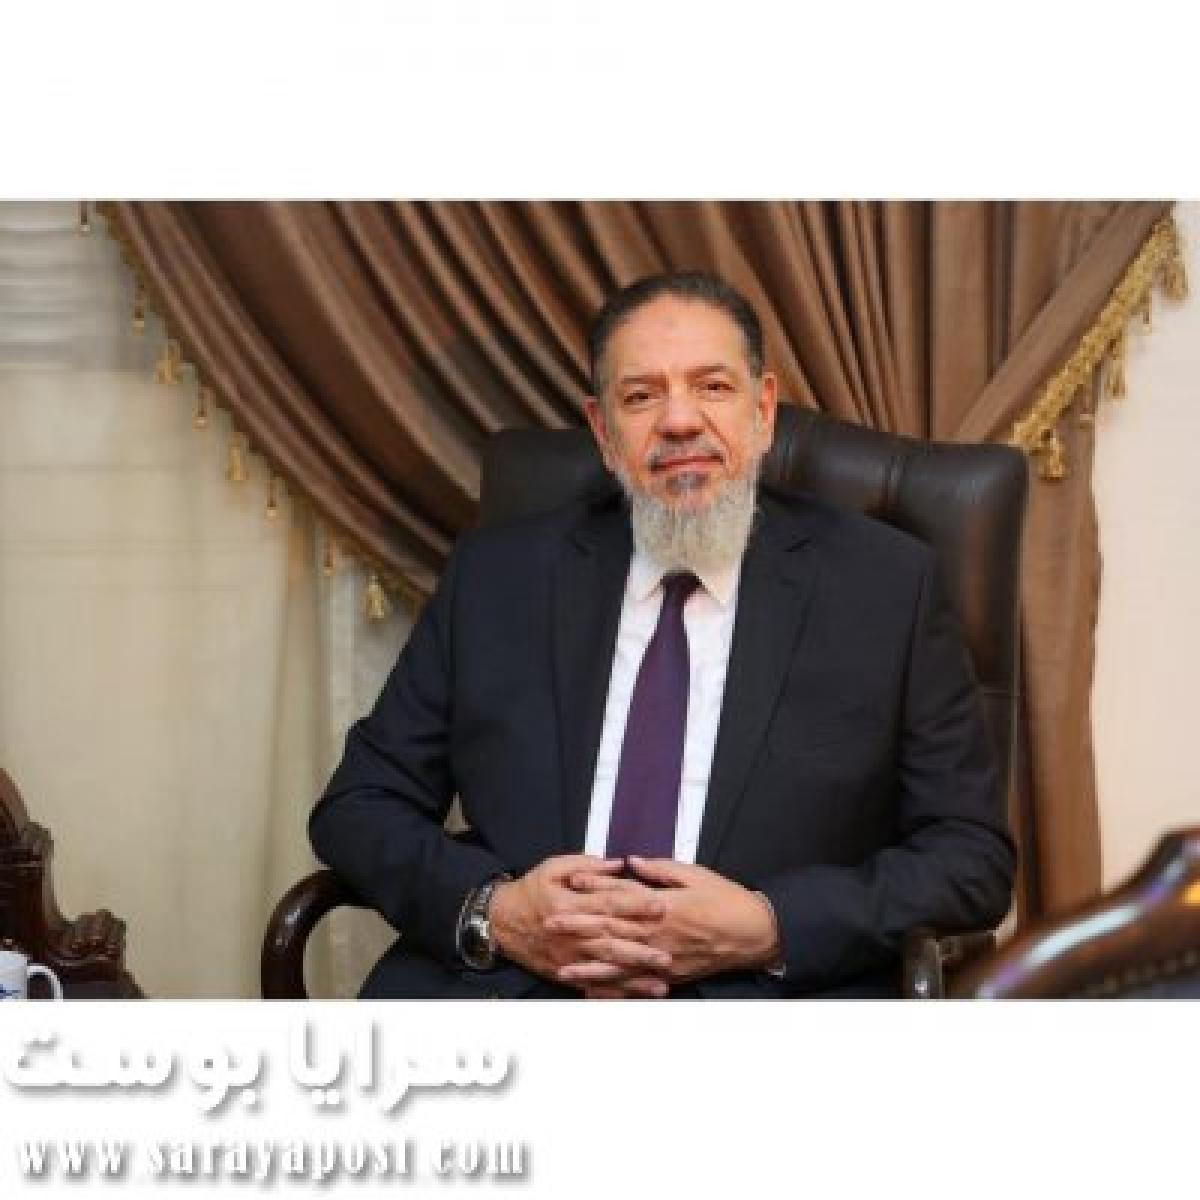 منتصر الزيات يقلب الموازين في نقابة المحامين بـ«تدوينة» كاشفة